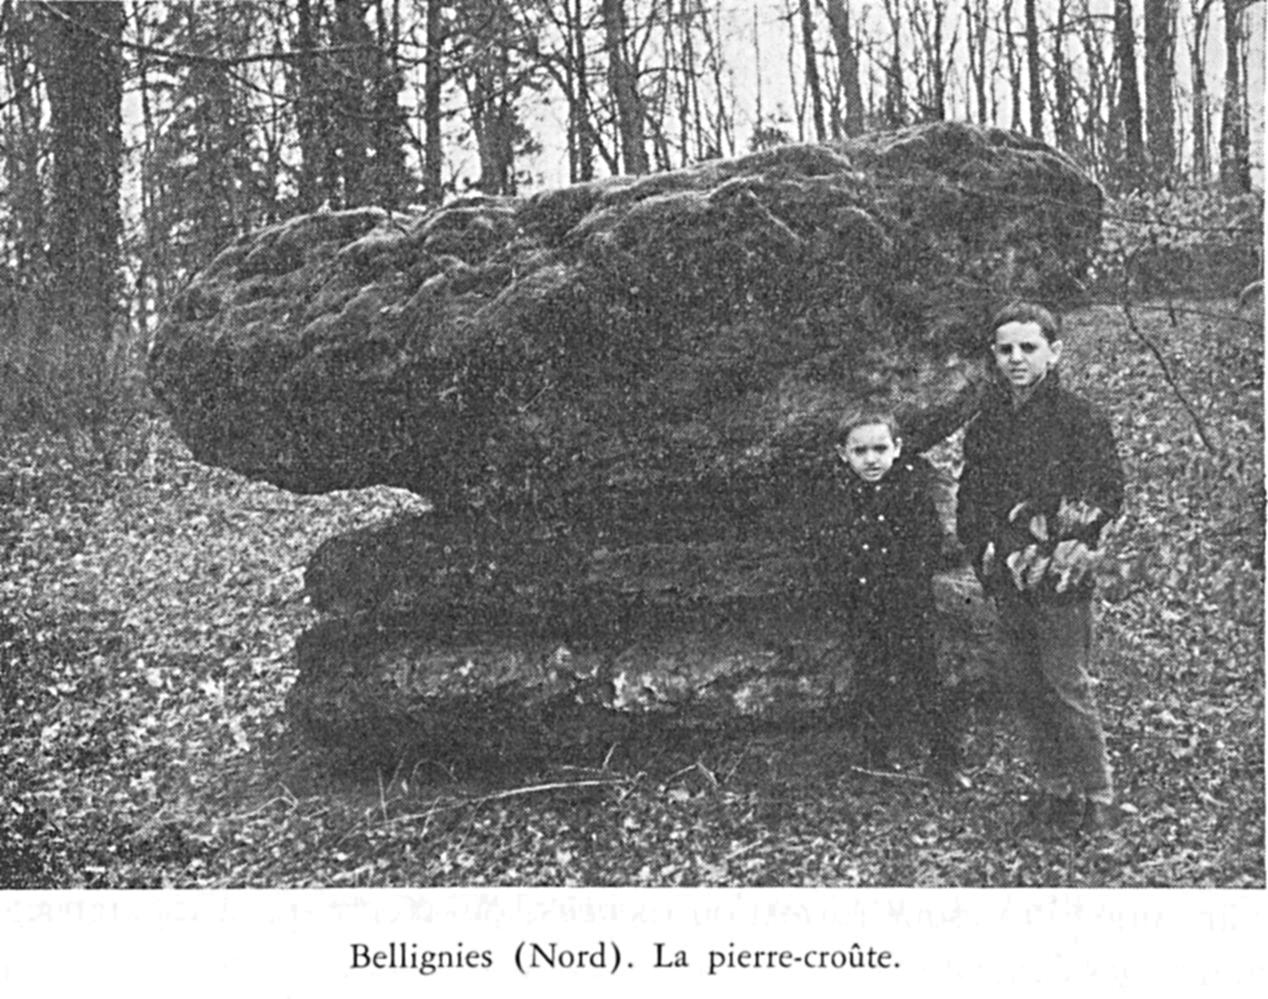 La pierre-croûte de Bellignies